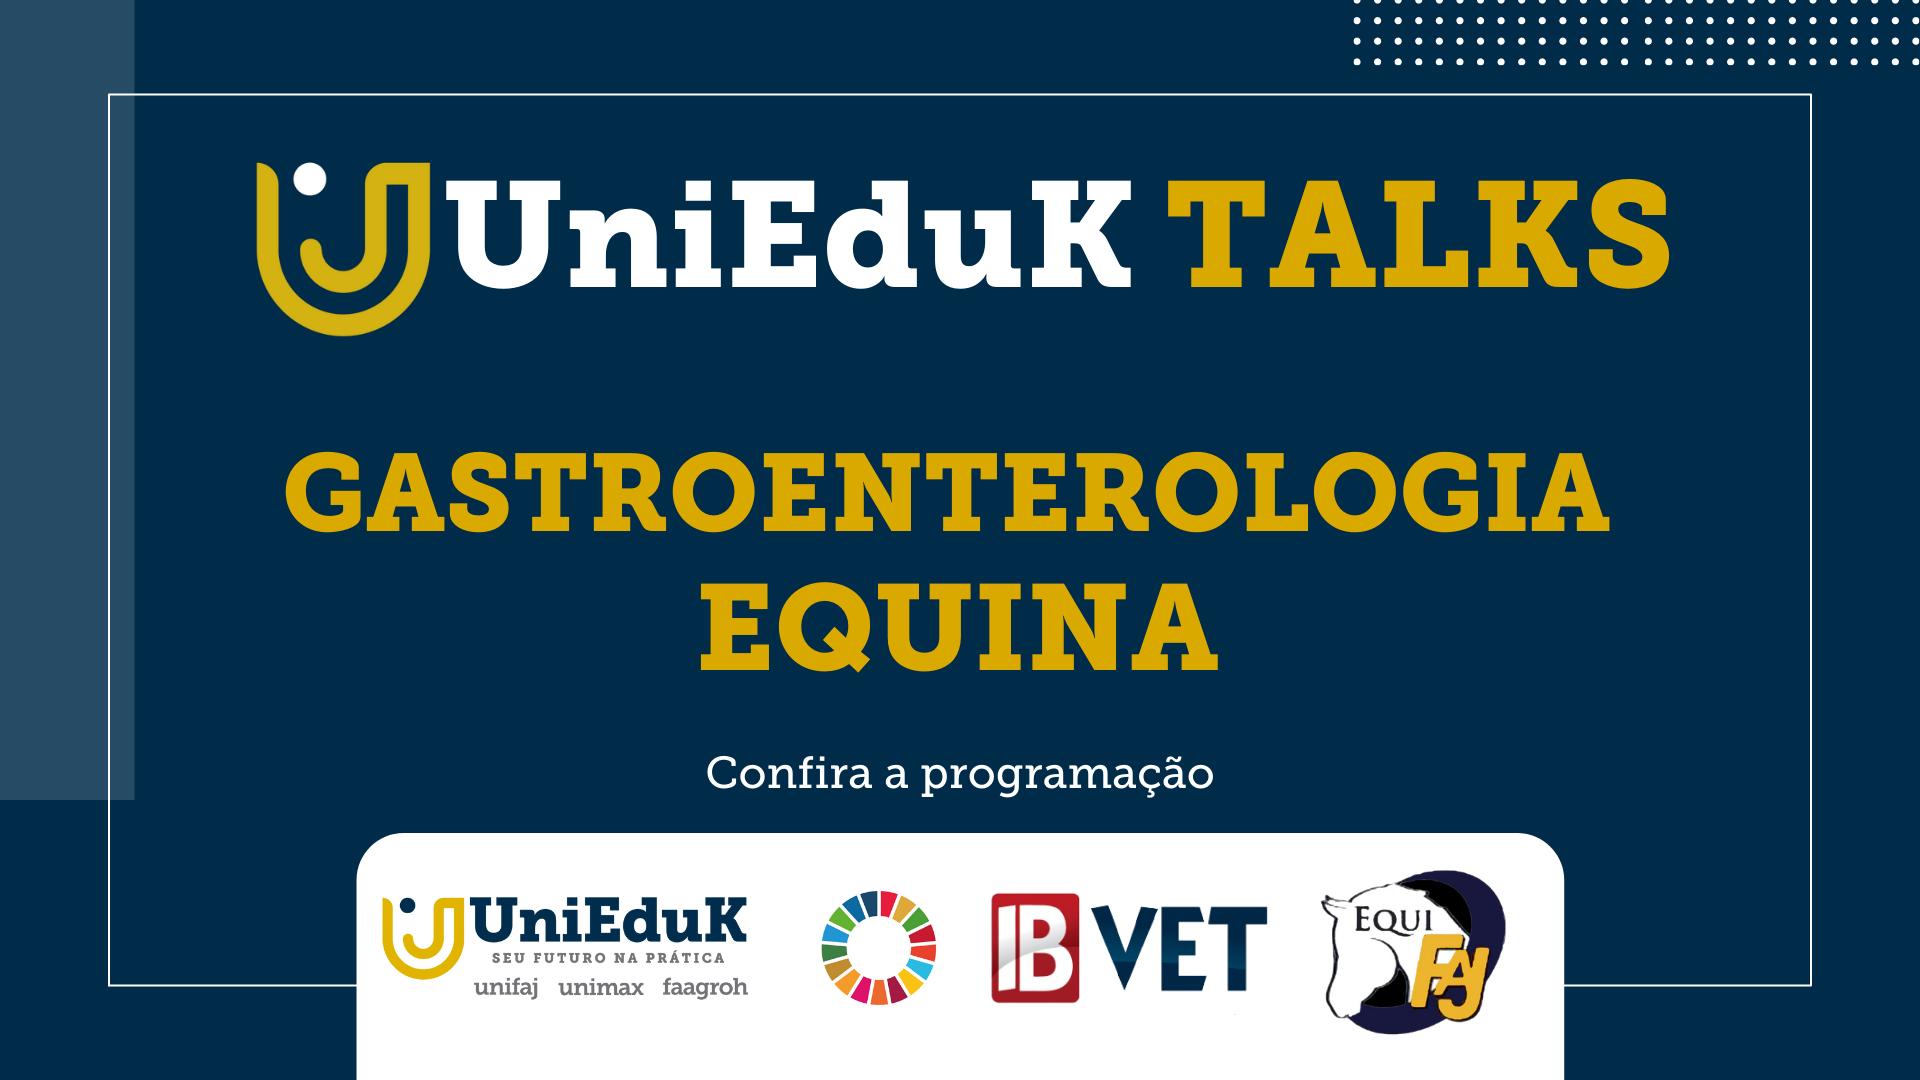 """A arte traz o texto """"UniEduK Talks - Gastroenterologia Equina"""", além dos logos do Grupo e apoiadores no evento."""